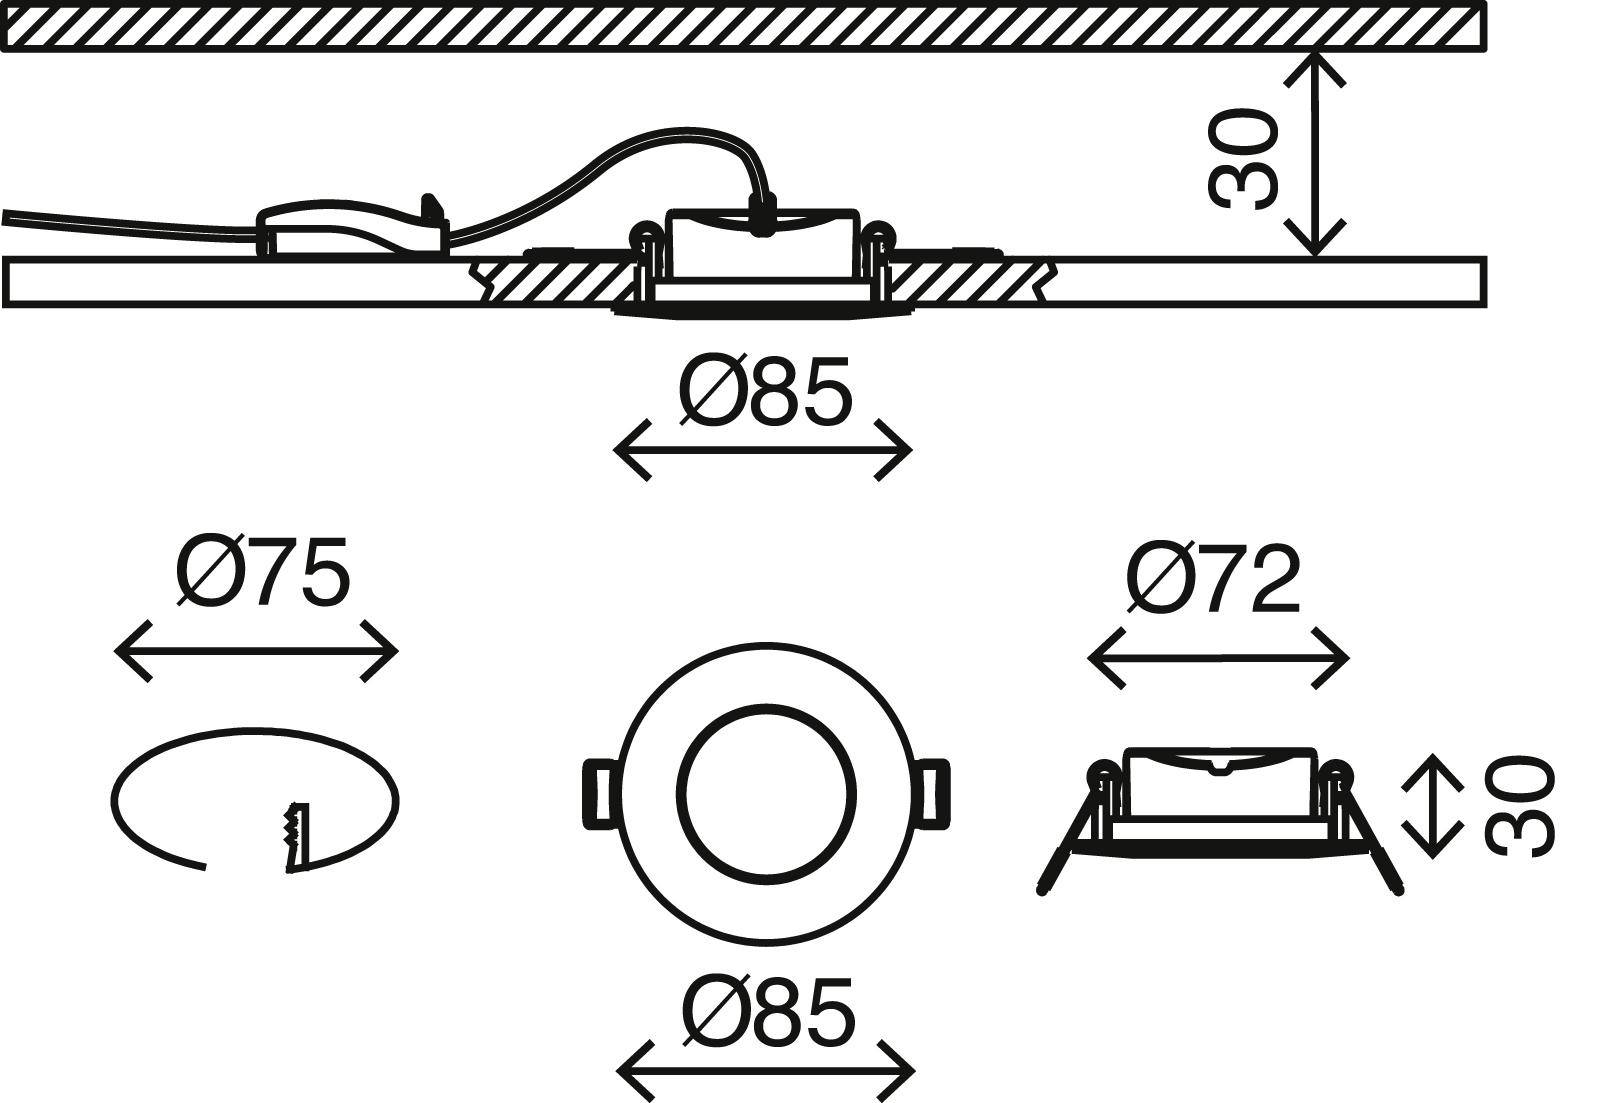 LED Einbauleuchte, Ø 8,5 cm, 6 W, Matt-Nickel